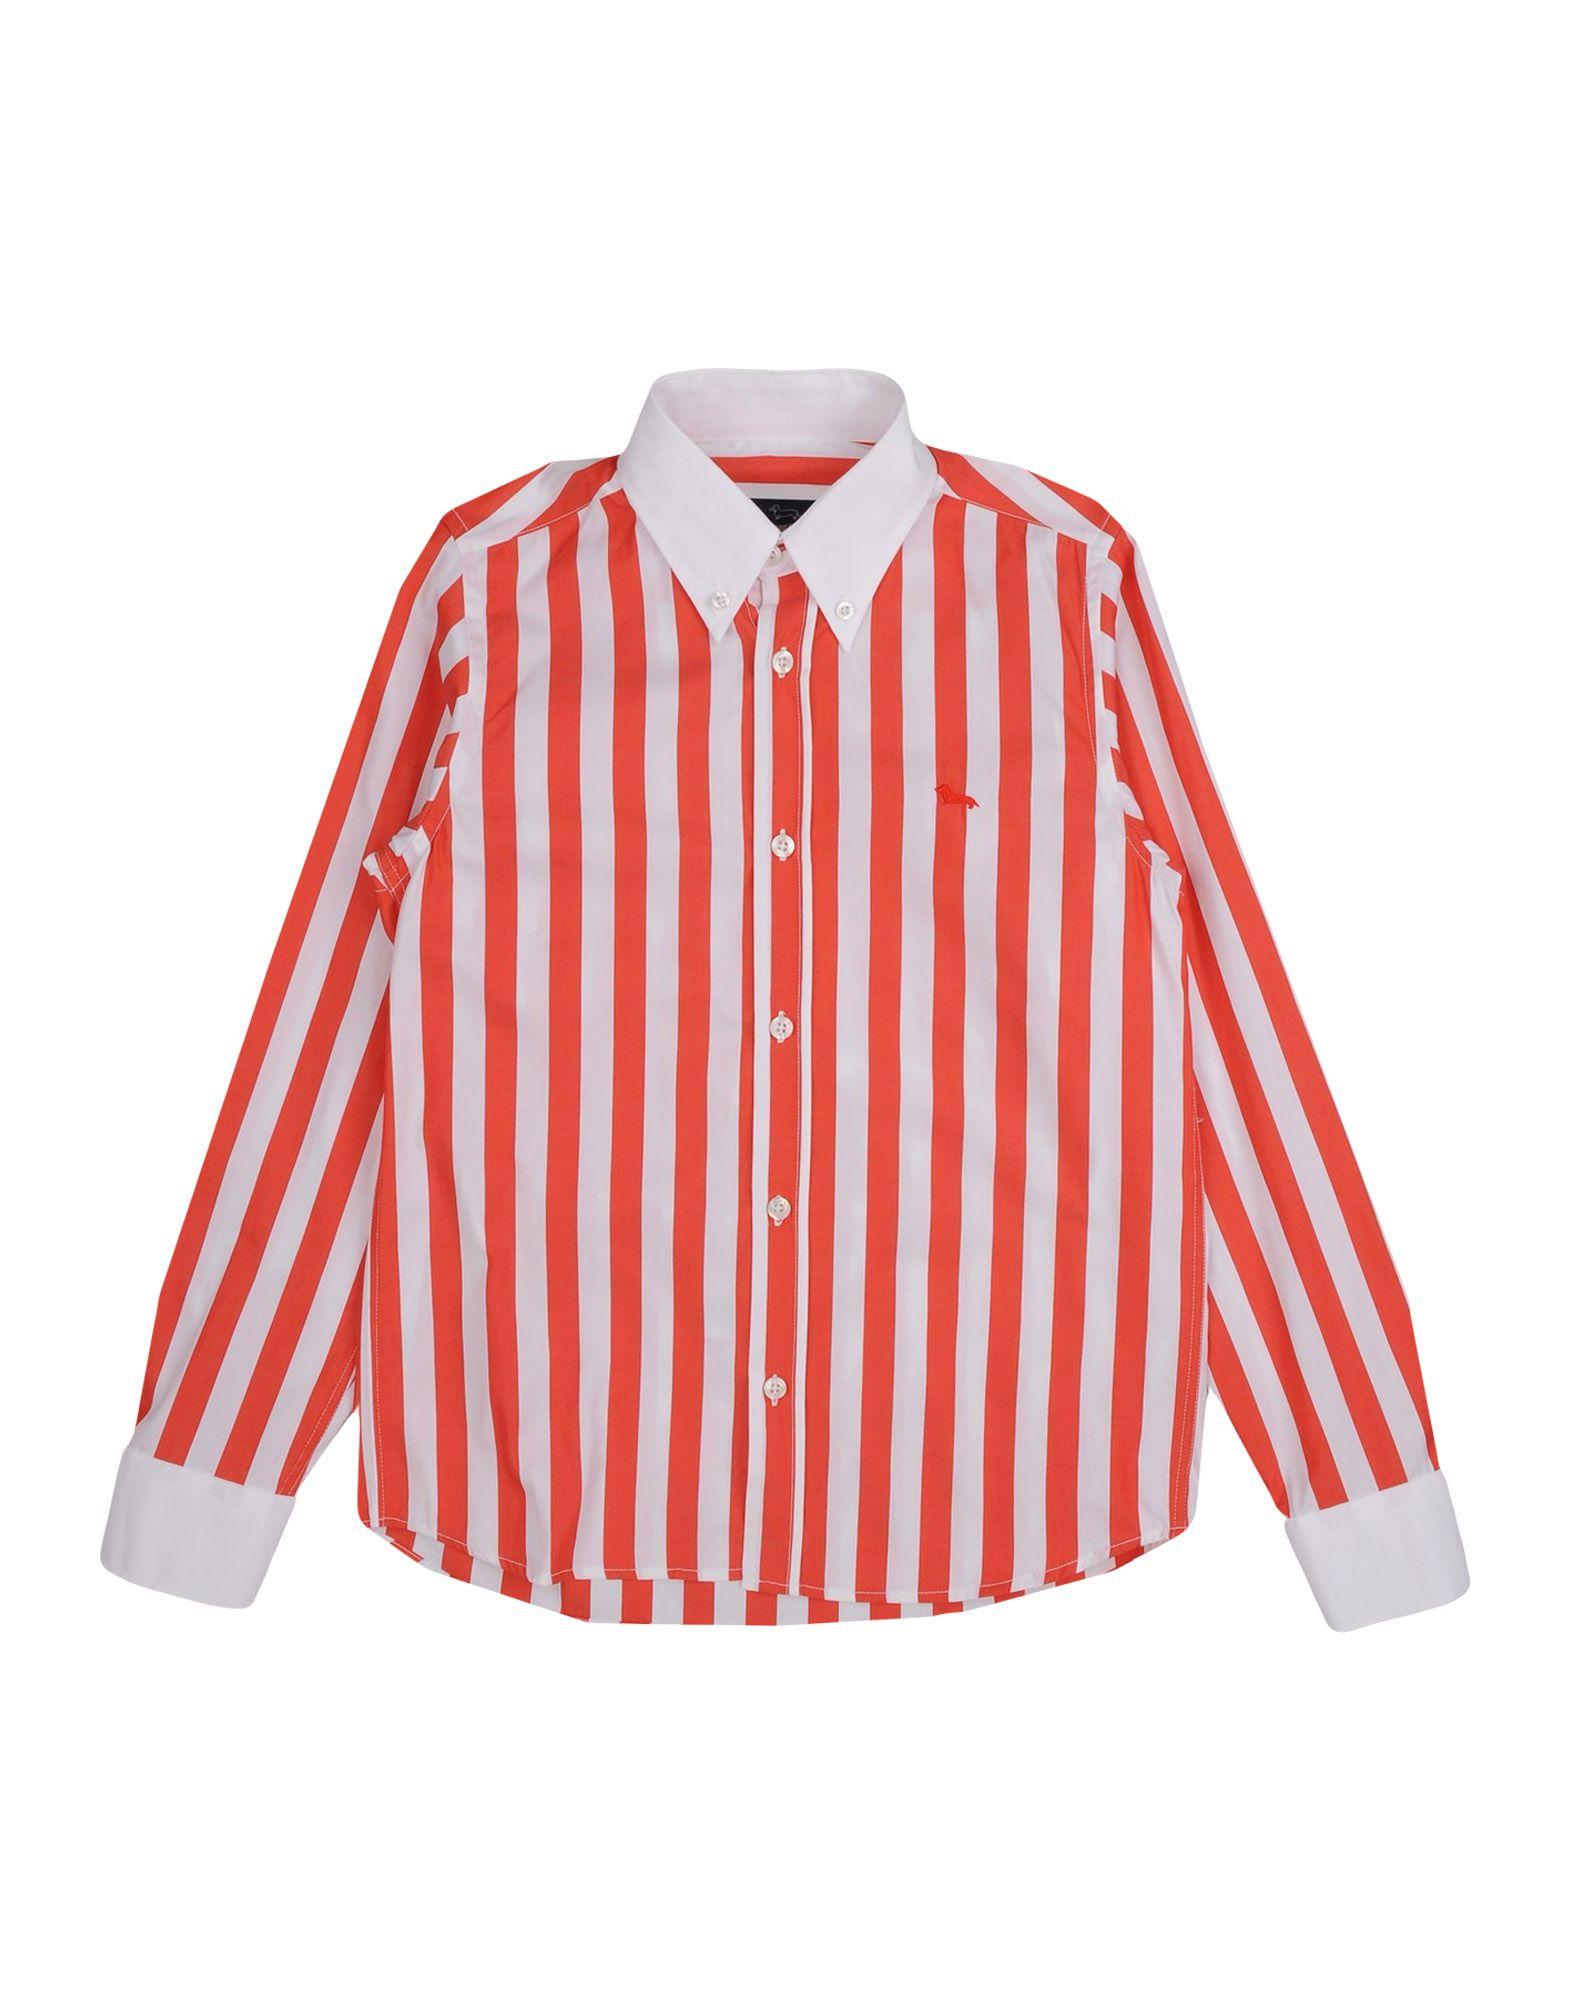 HARMONT&BLAINE Jungen 9-16 jahre Hemd Farbe Rot Größe 6